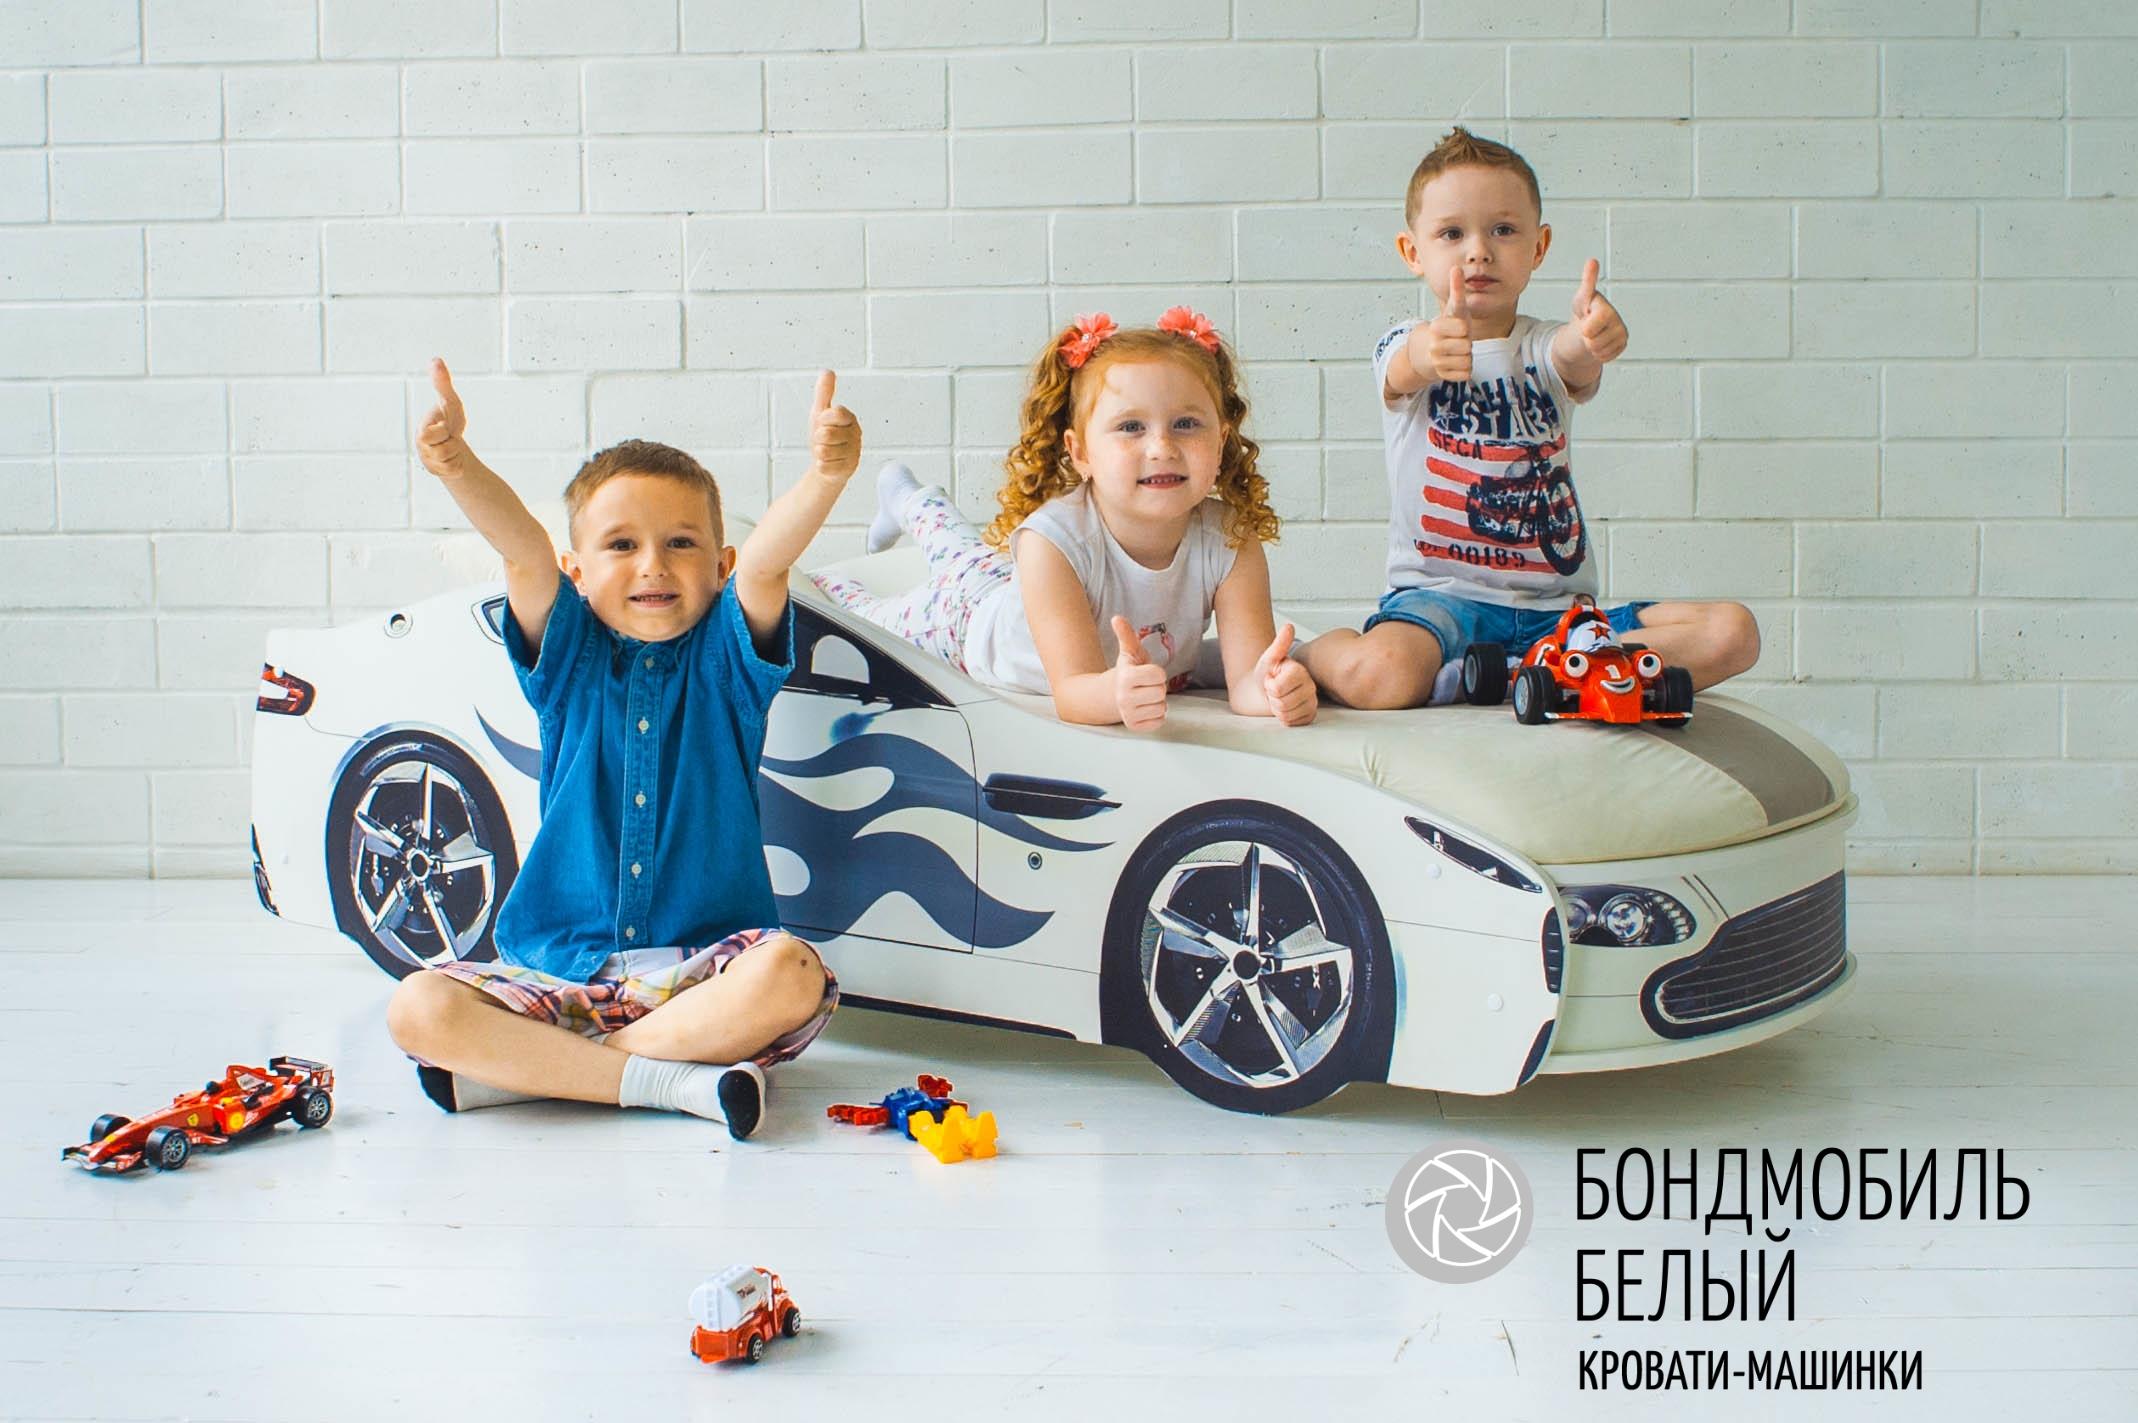 Детская кровать-машина белый -Бондмобиль-8